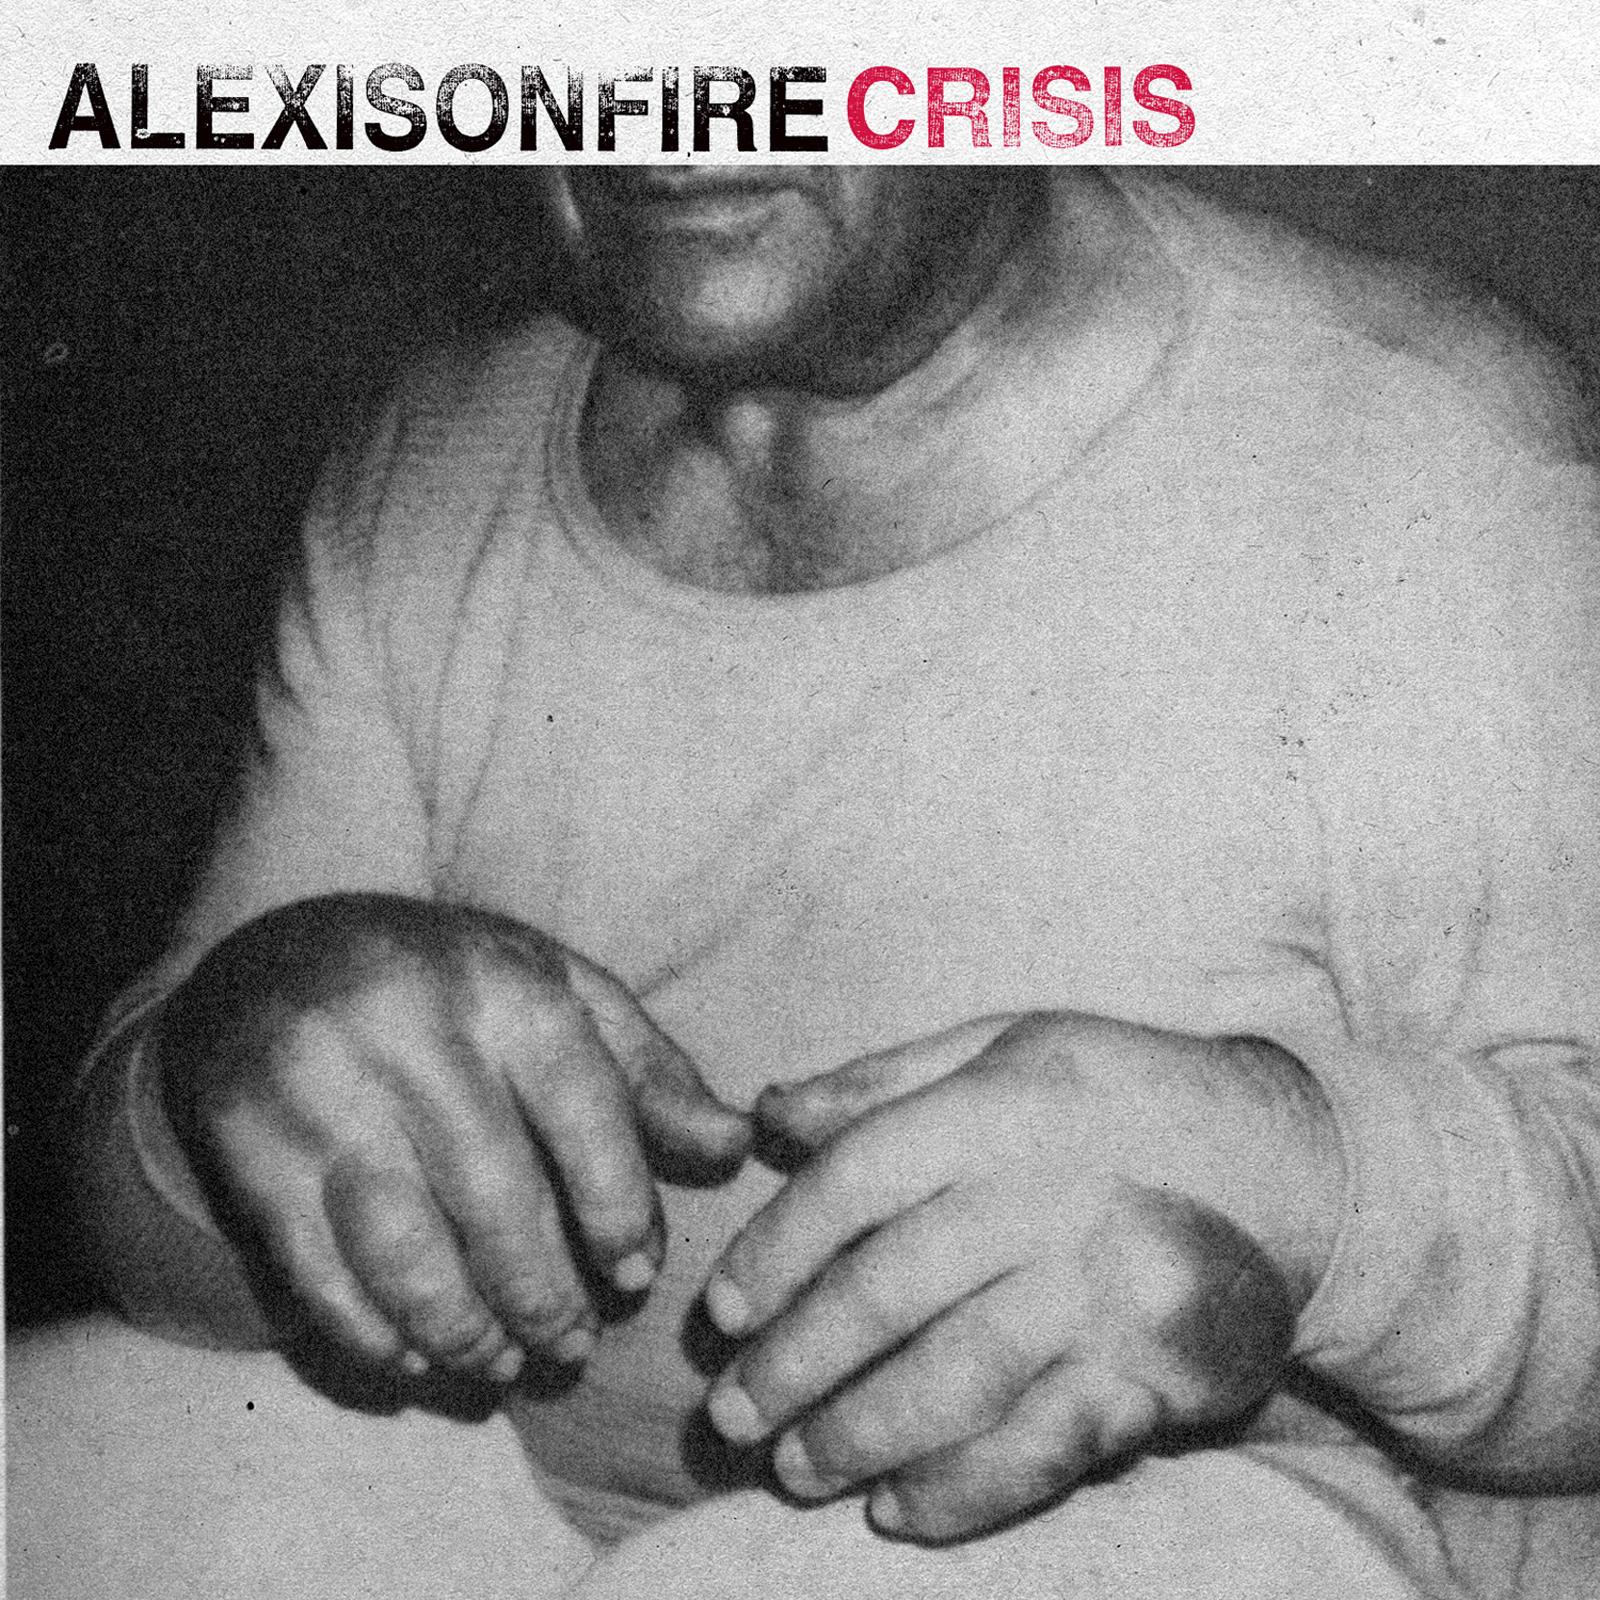 Alexisonfire - Crisis (2006)